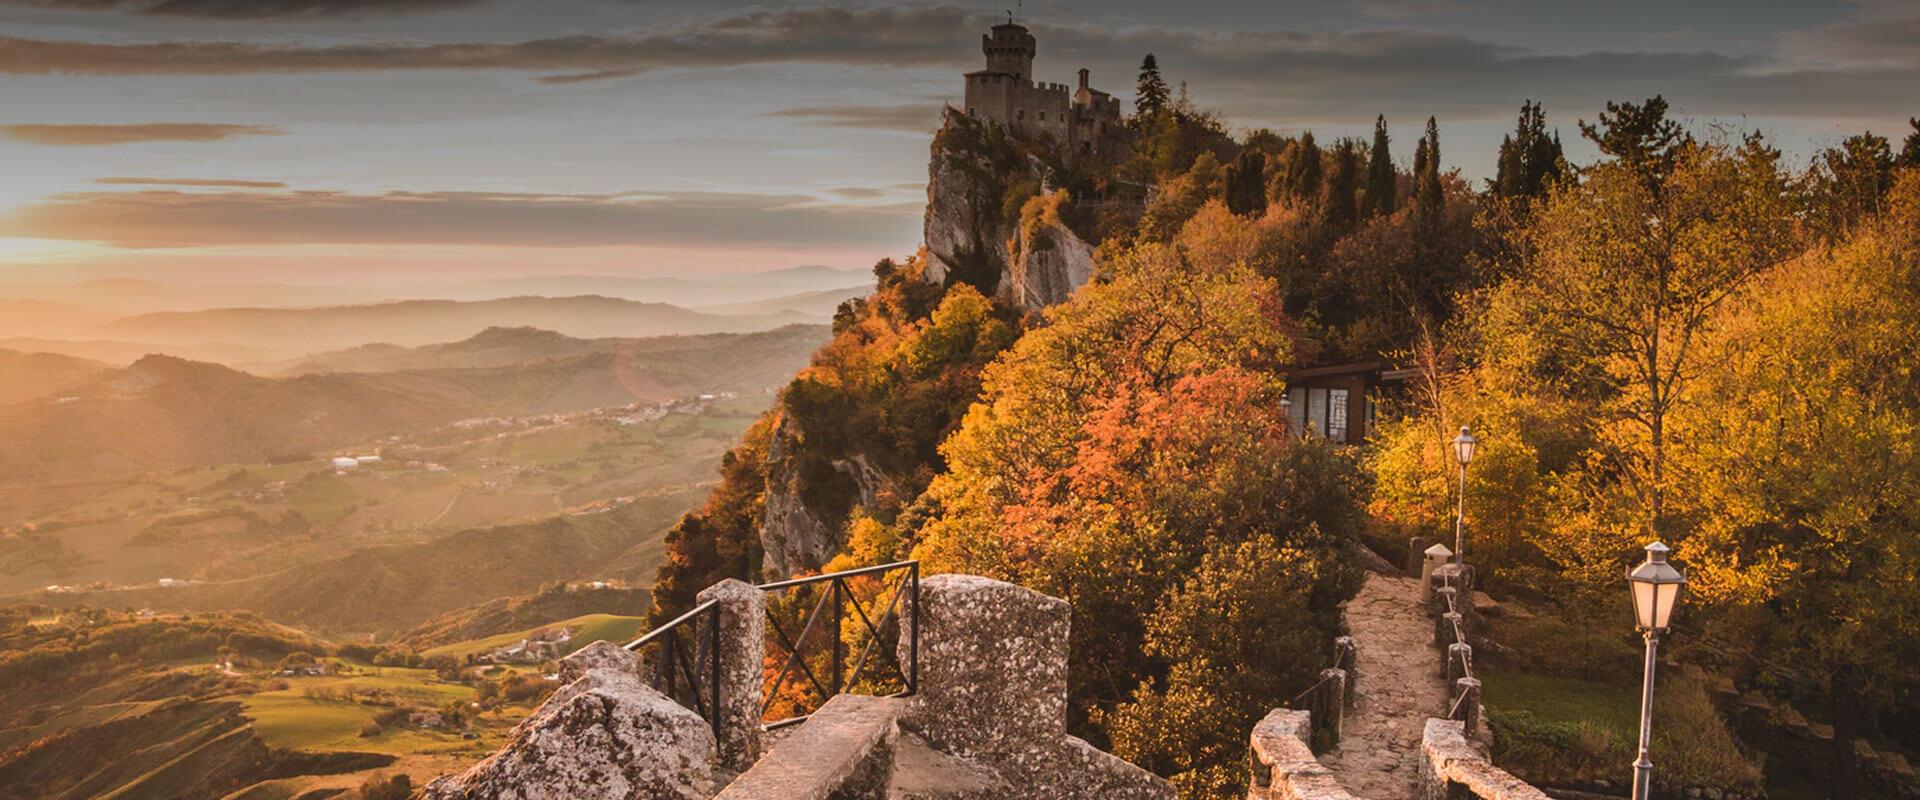 Wanderlust-Italia-Portale-di-Viaggi-Home-Page- (7)